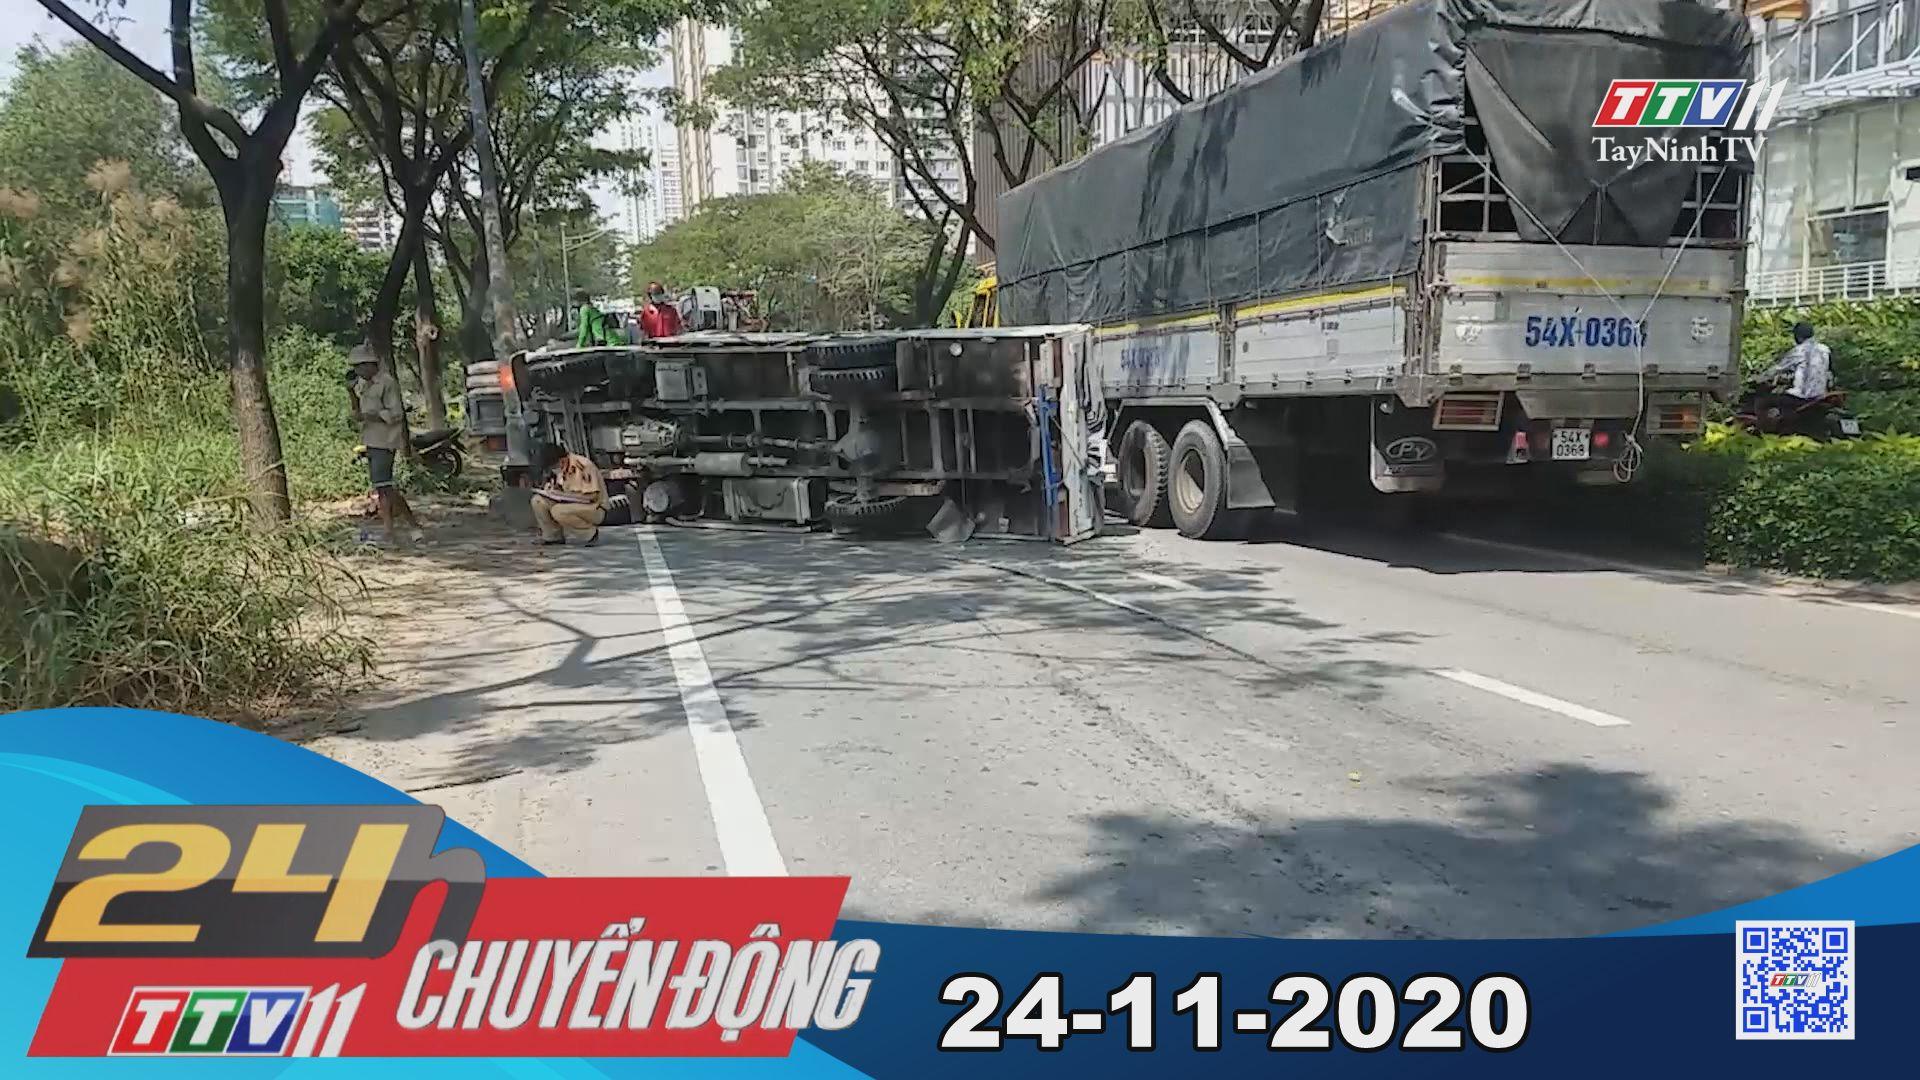 24h Chuyển động 24-11-2020 | Tin tức hôm nay | TayNinhTV